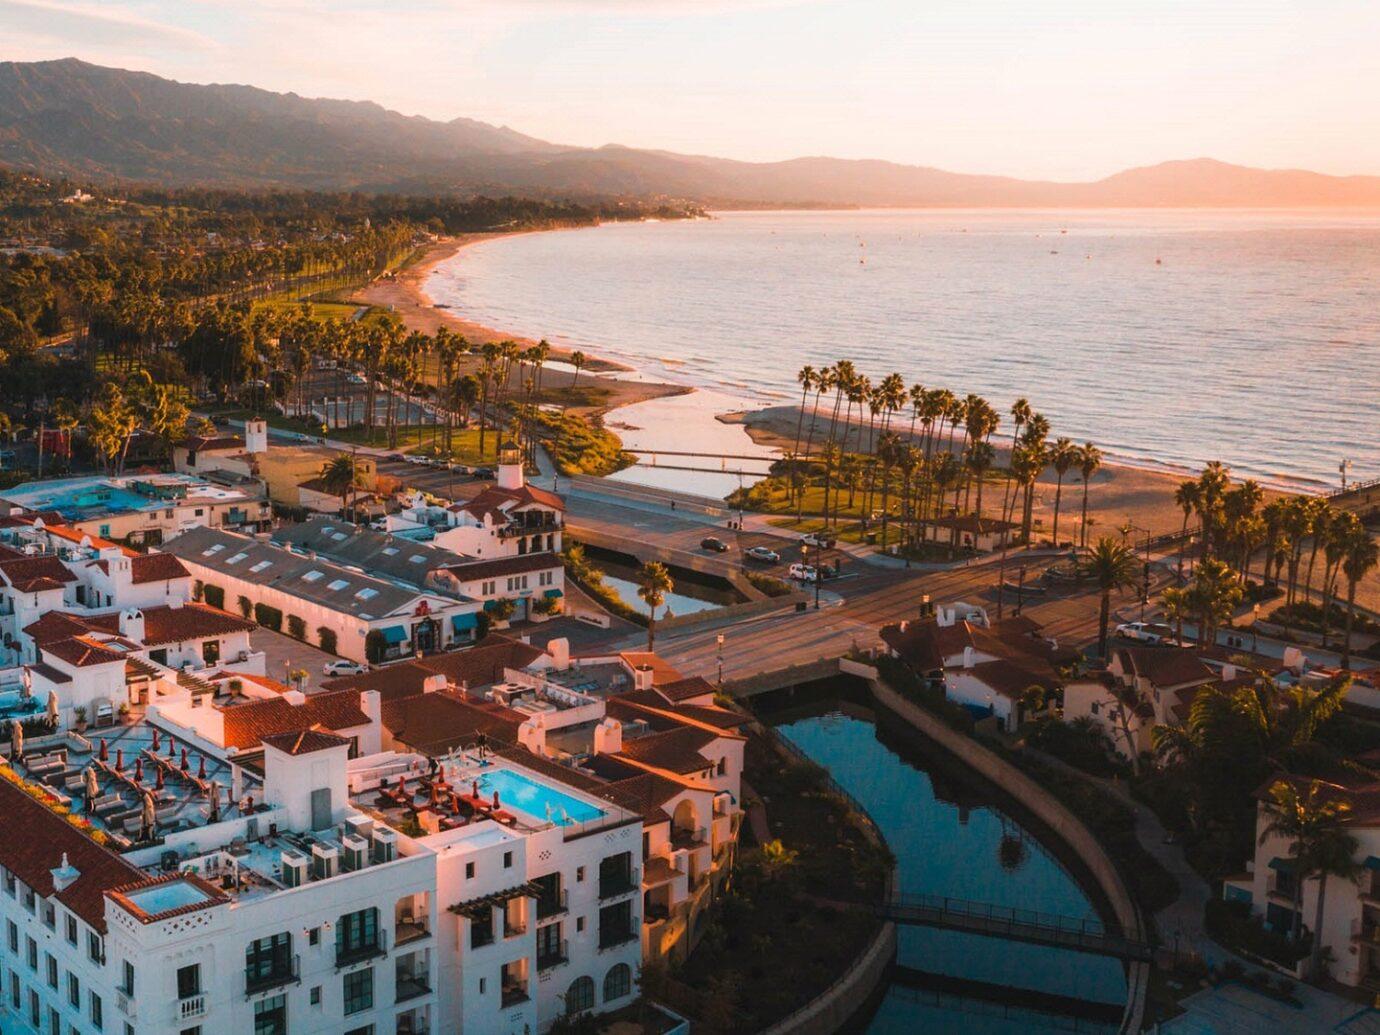 Aerial view of Hotel Californian, Santa Barbara, CA